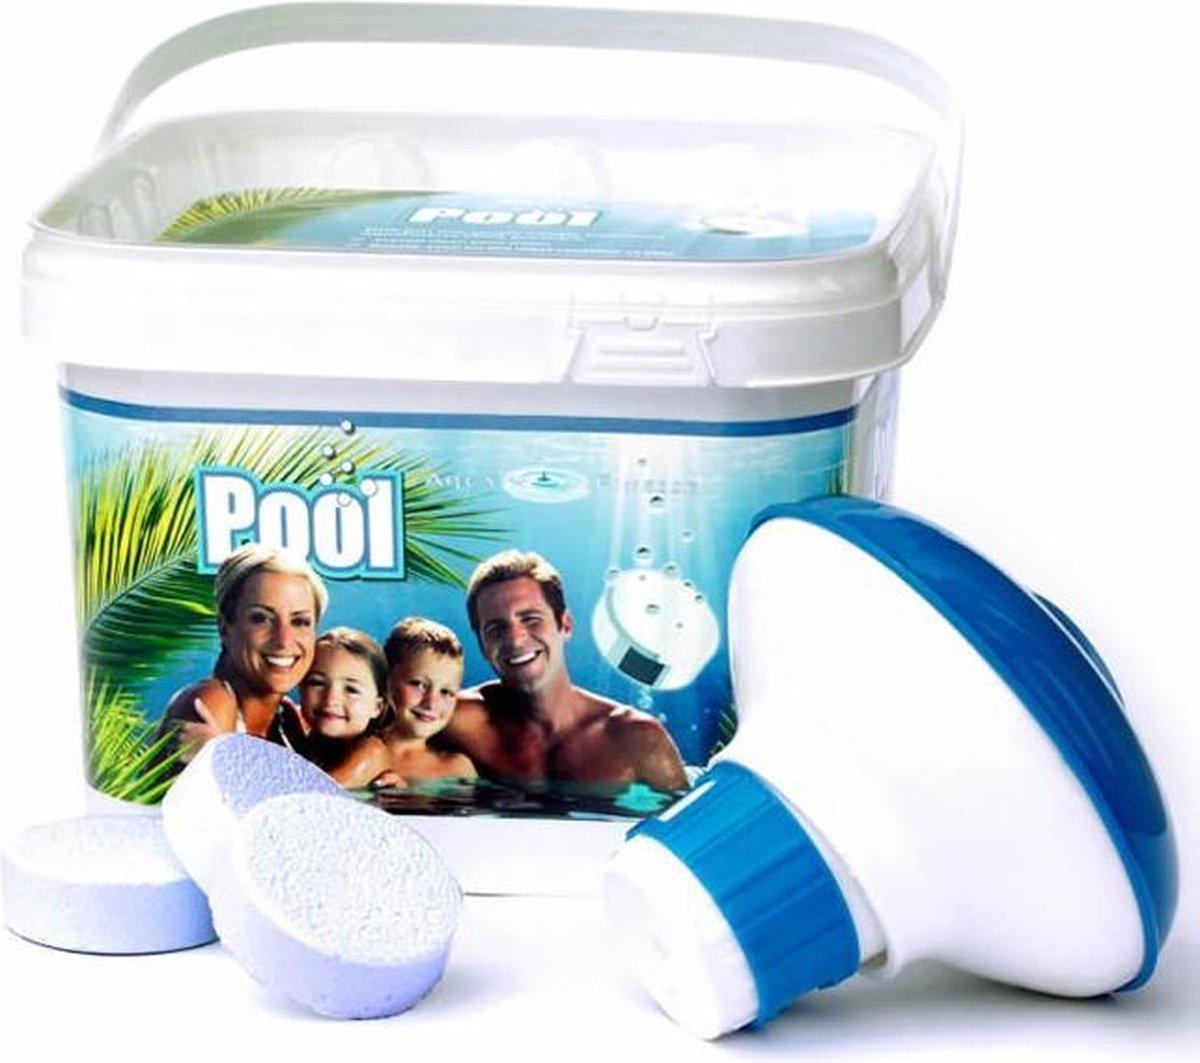 AquaFinesse Pool Puck 30 (startset)